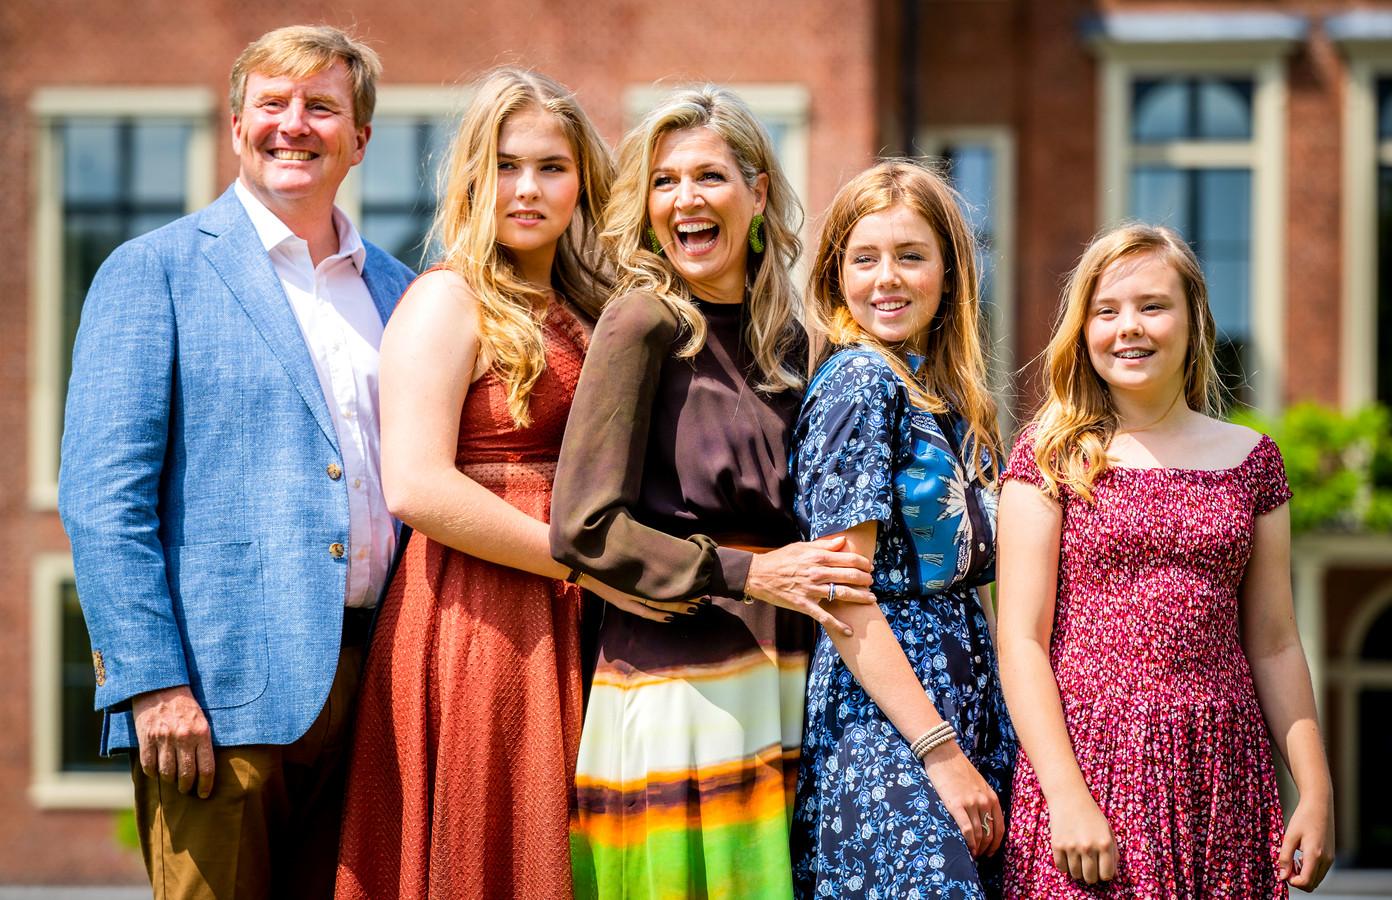 Koning Willem-Alexander, koningin Máxima en prinsessen Amalia, Alexia en Ariane tijdens de jaarlijkse koninklijke fotosessie in de tuin van Paleis Huis ten Bosch.